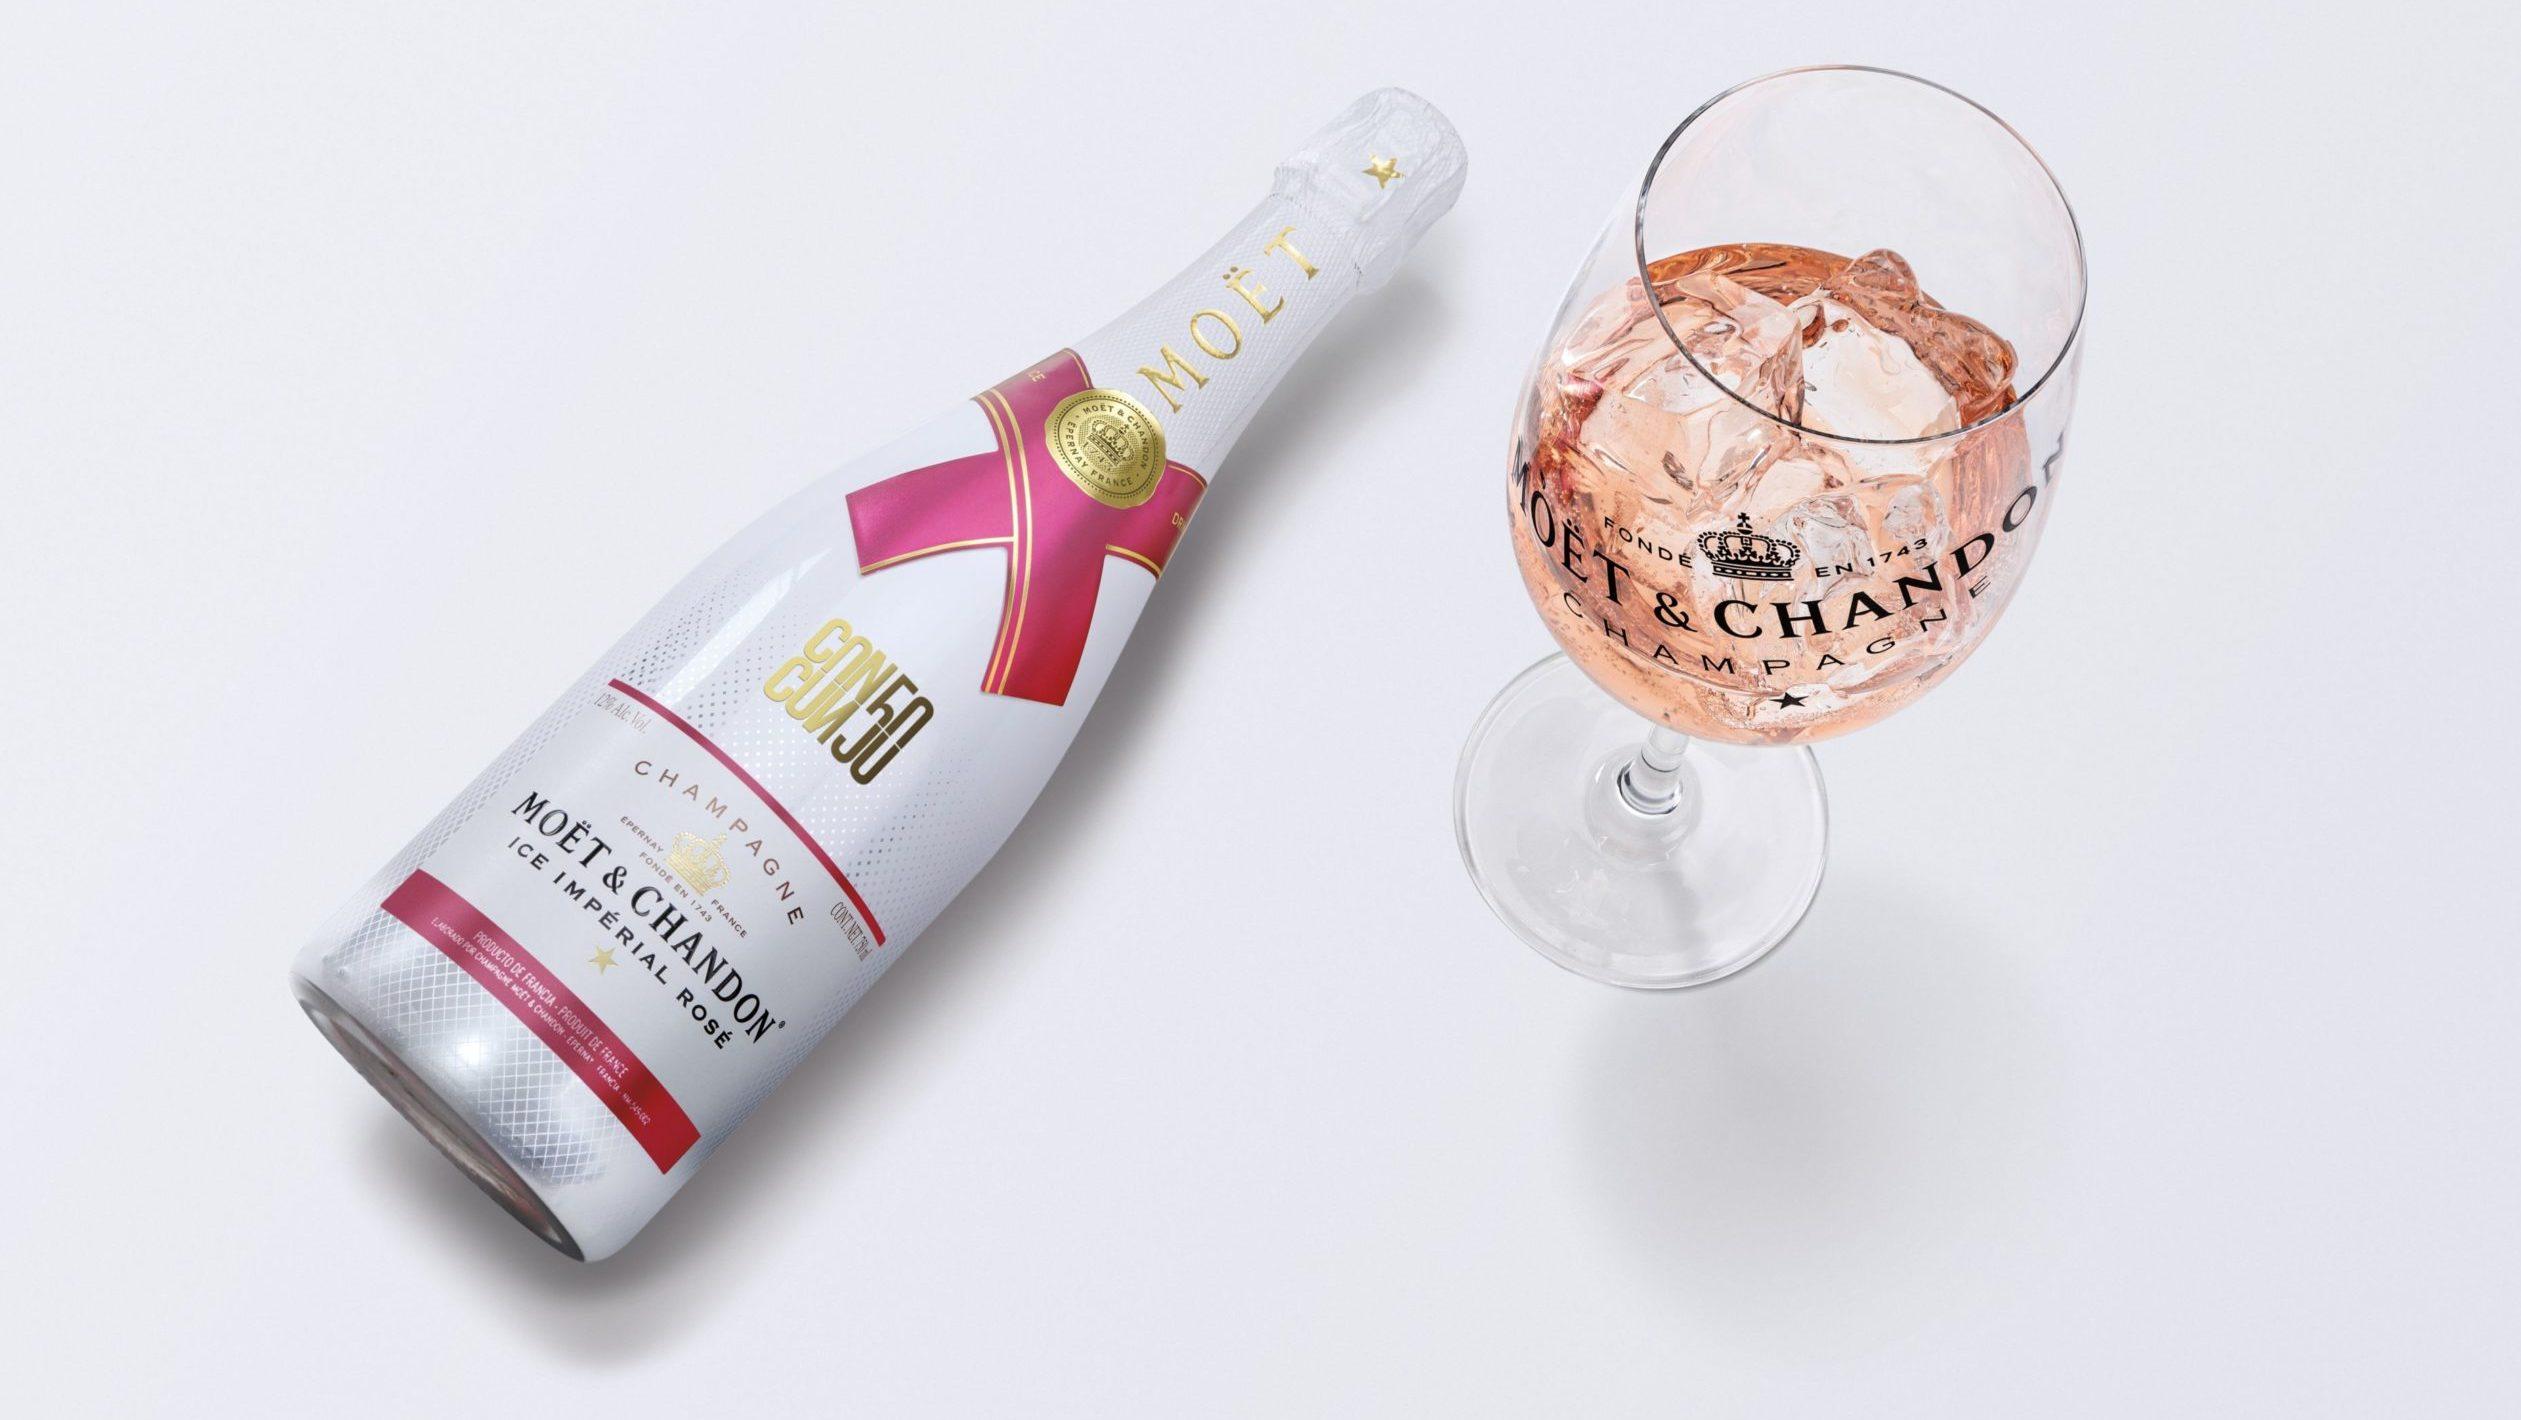 Moët & Chandon lanza una botella de champagne inspirada en Cancún